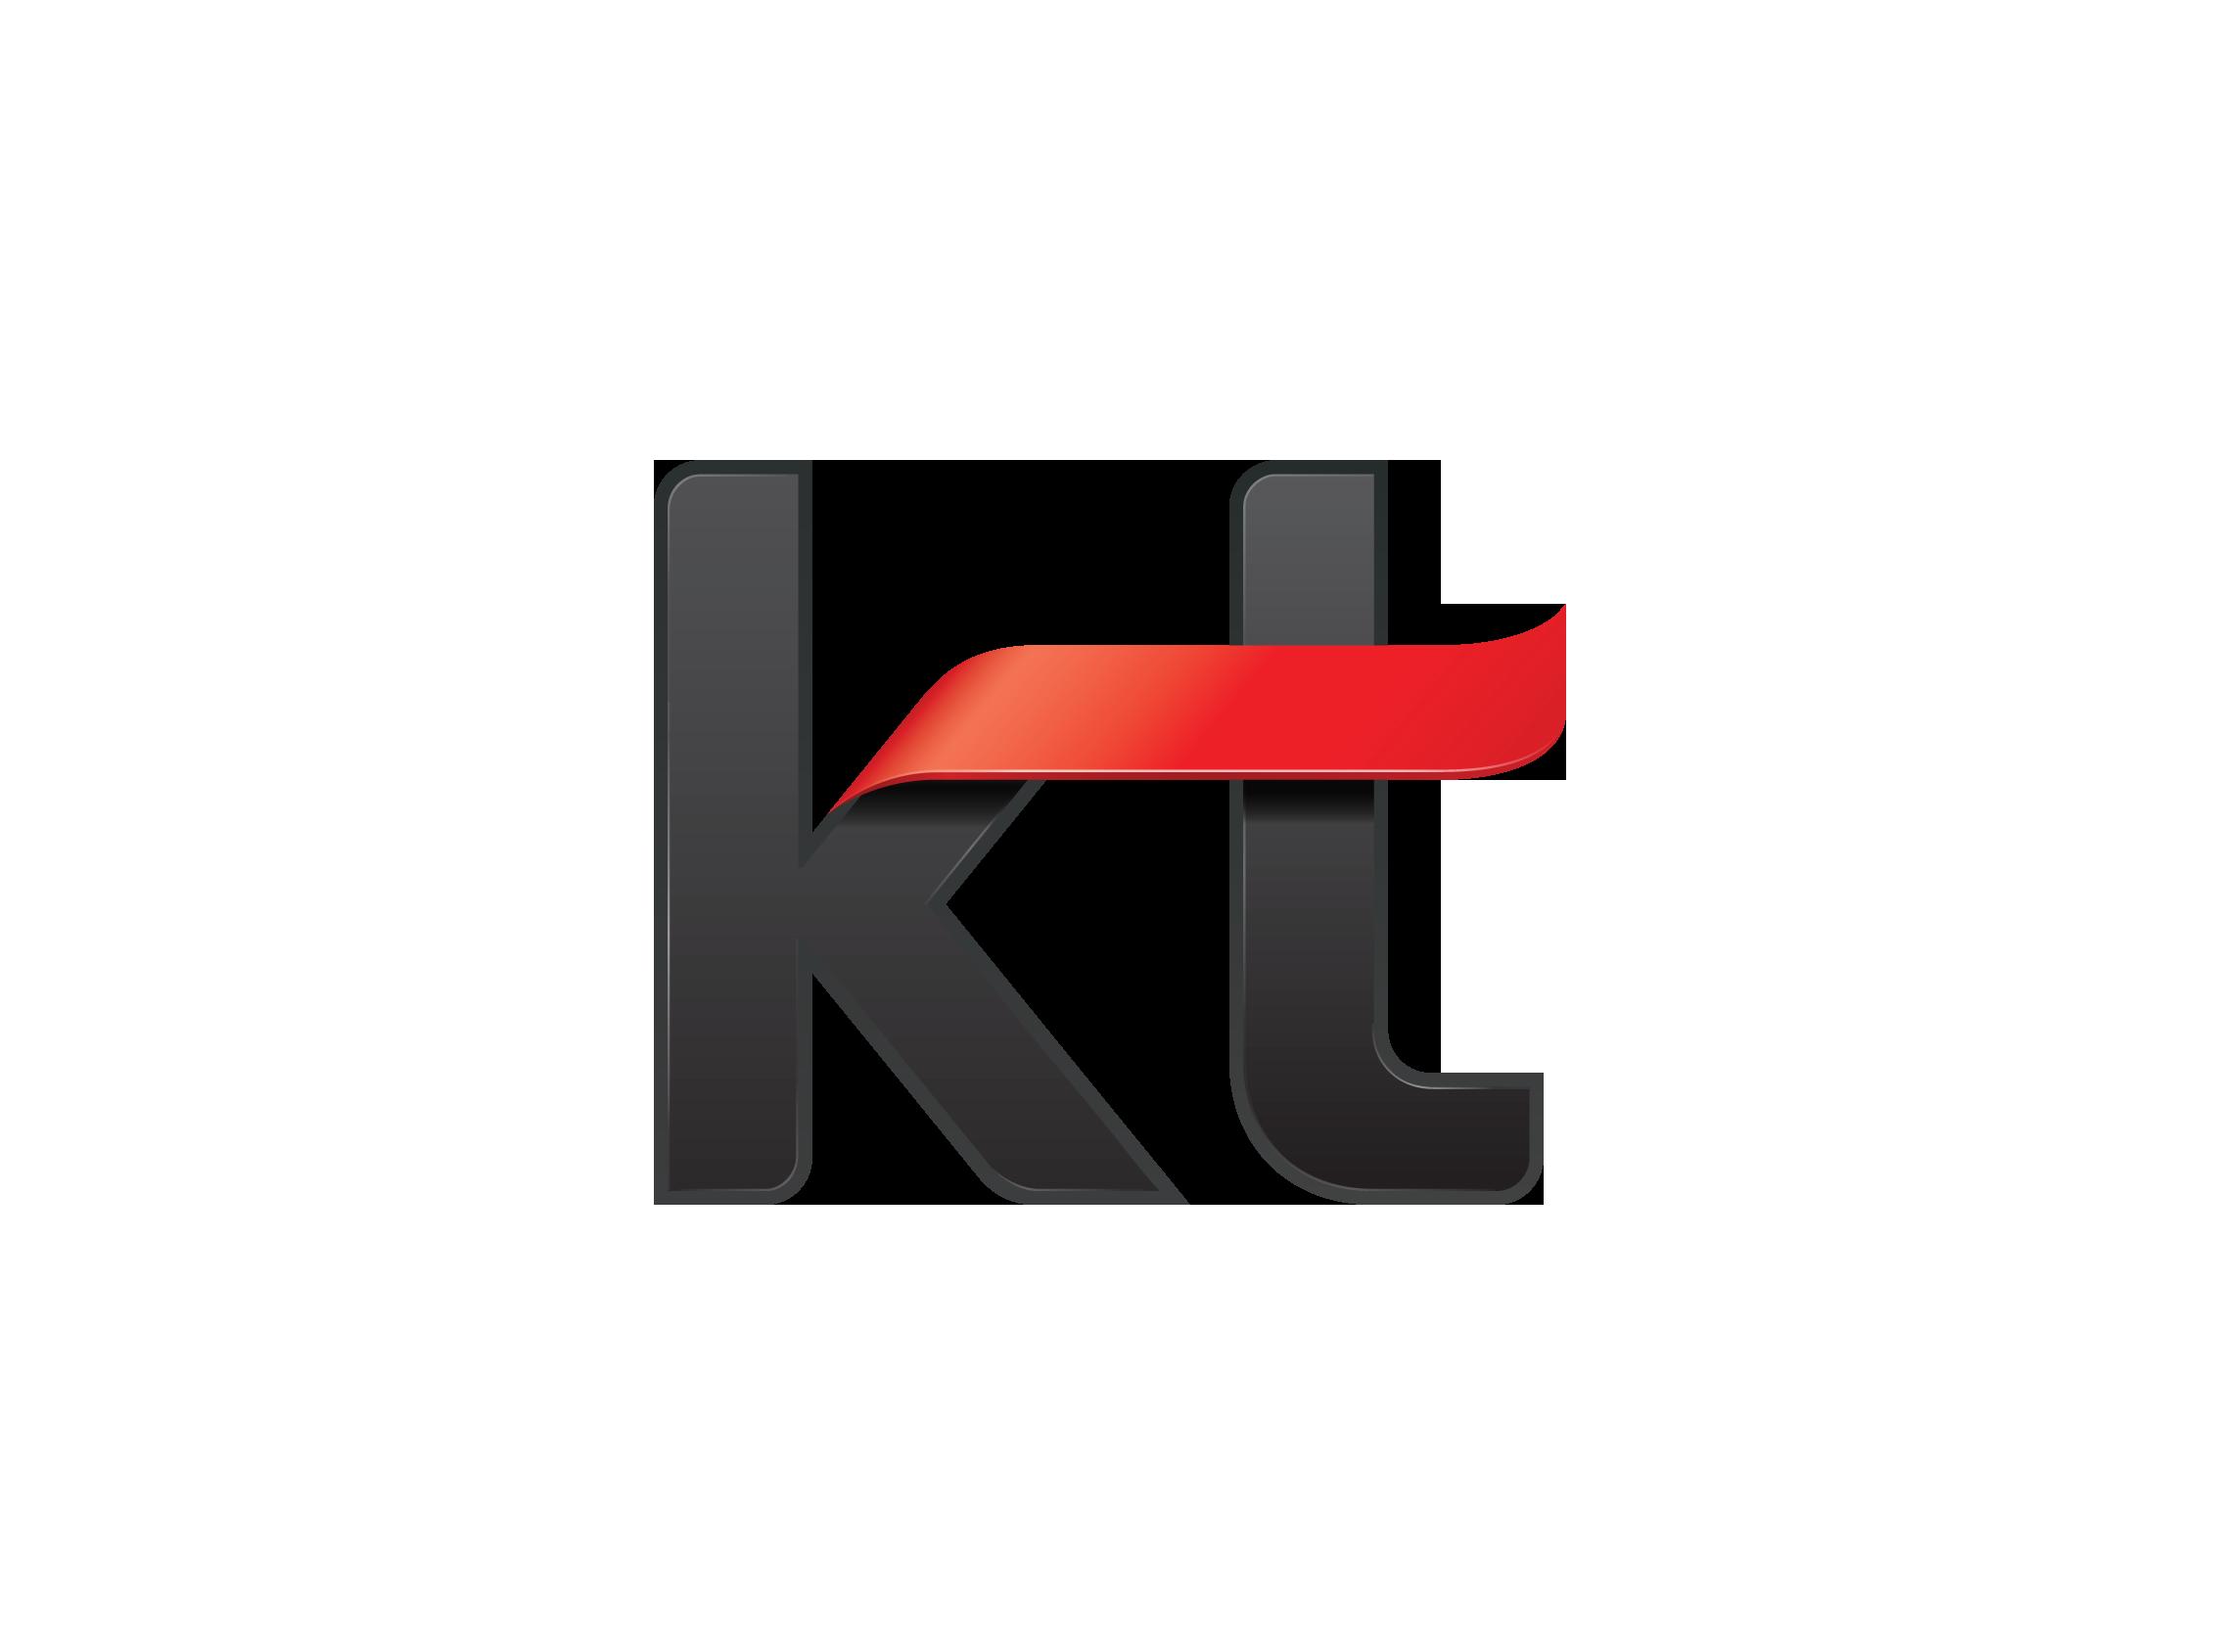 Kt-logo_Korea.png